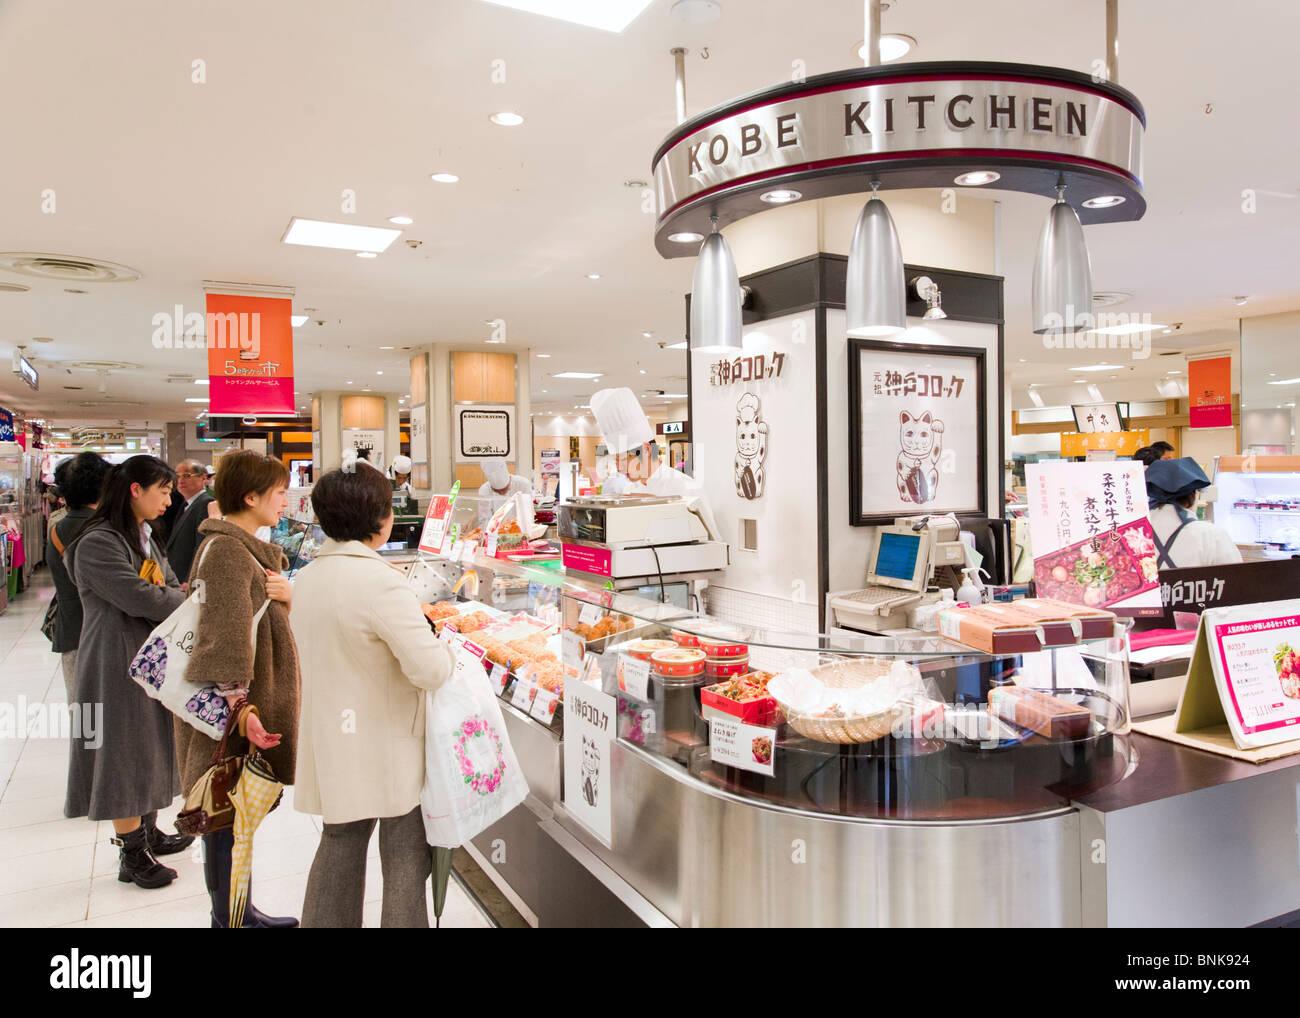 Food hall in Takashimaya department store, Tokyo, Japan - Stock Image